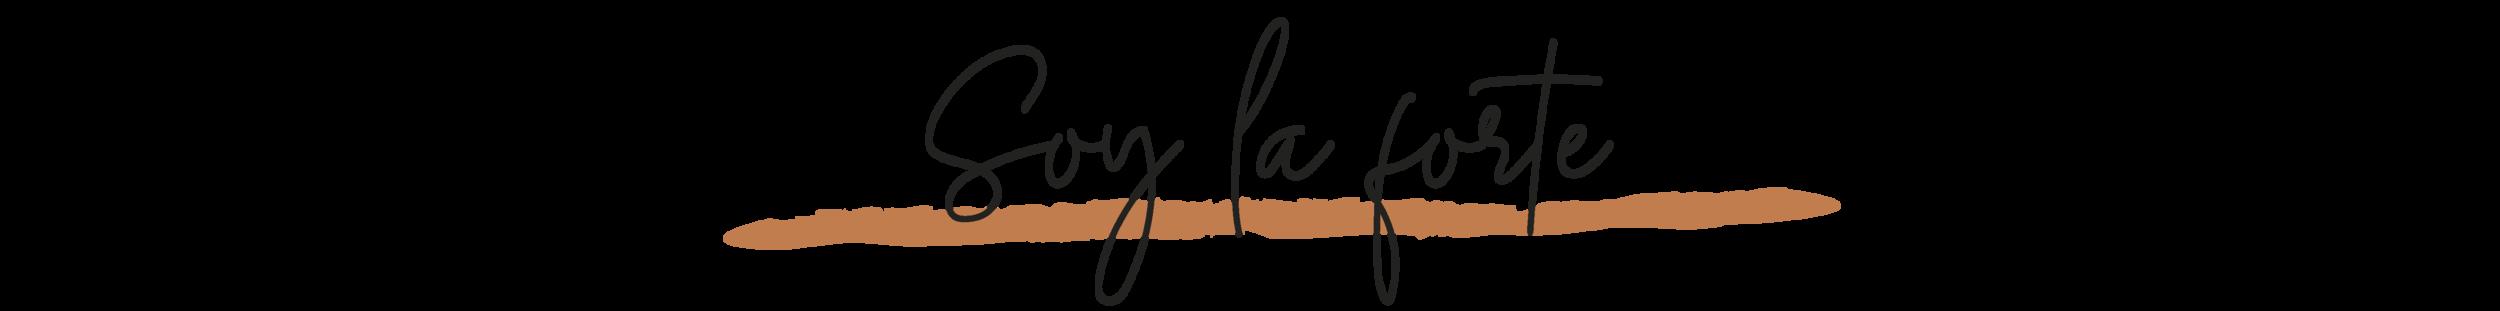 imagenes-web-bloggever-intuasturias-2019-31.png